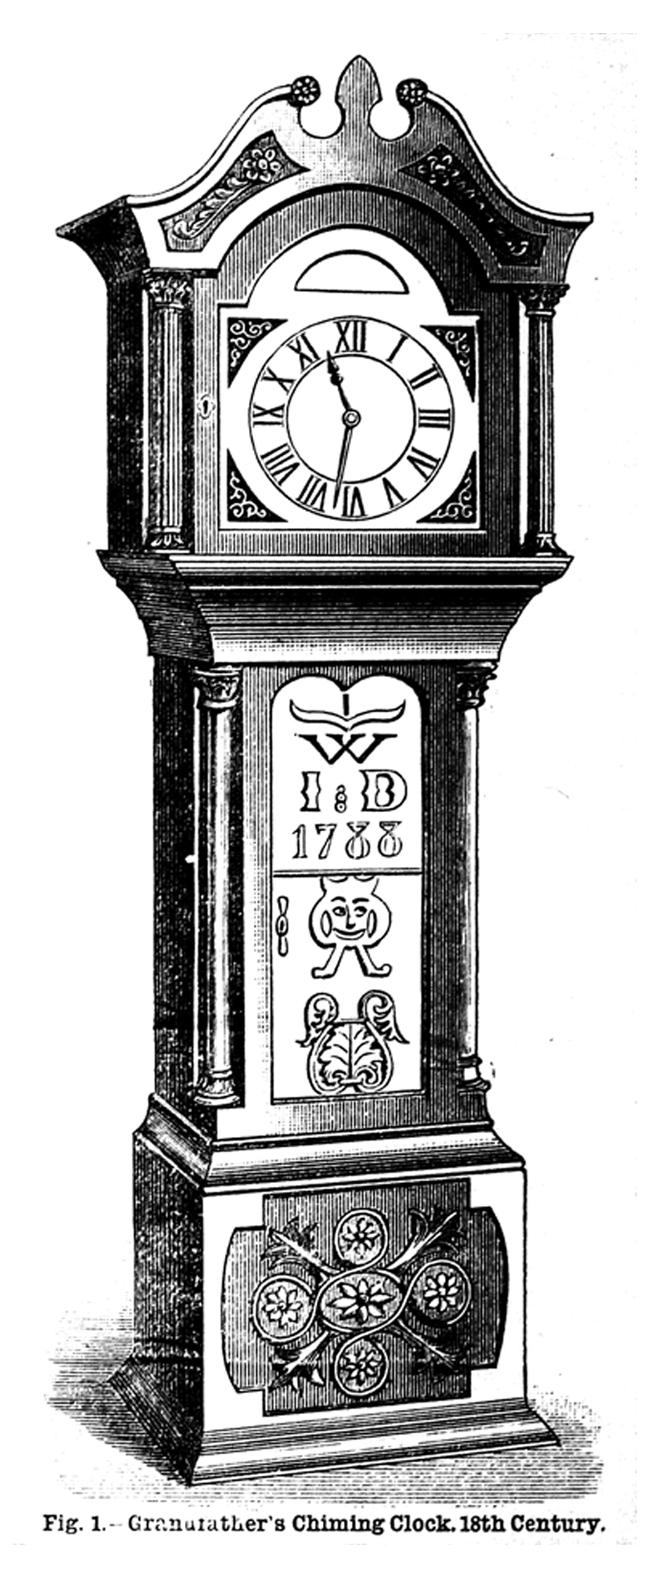 WORK No. 88 - Published November 22, 1890 8